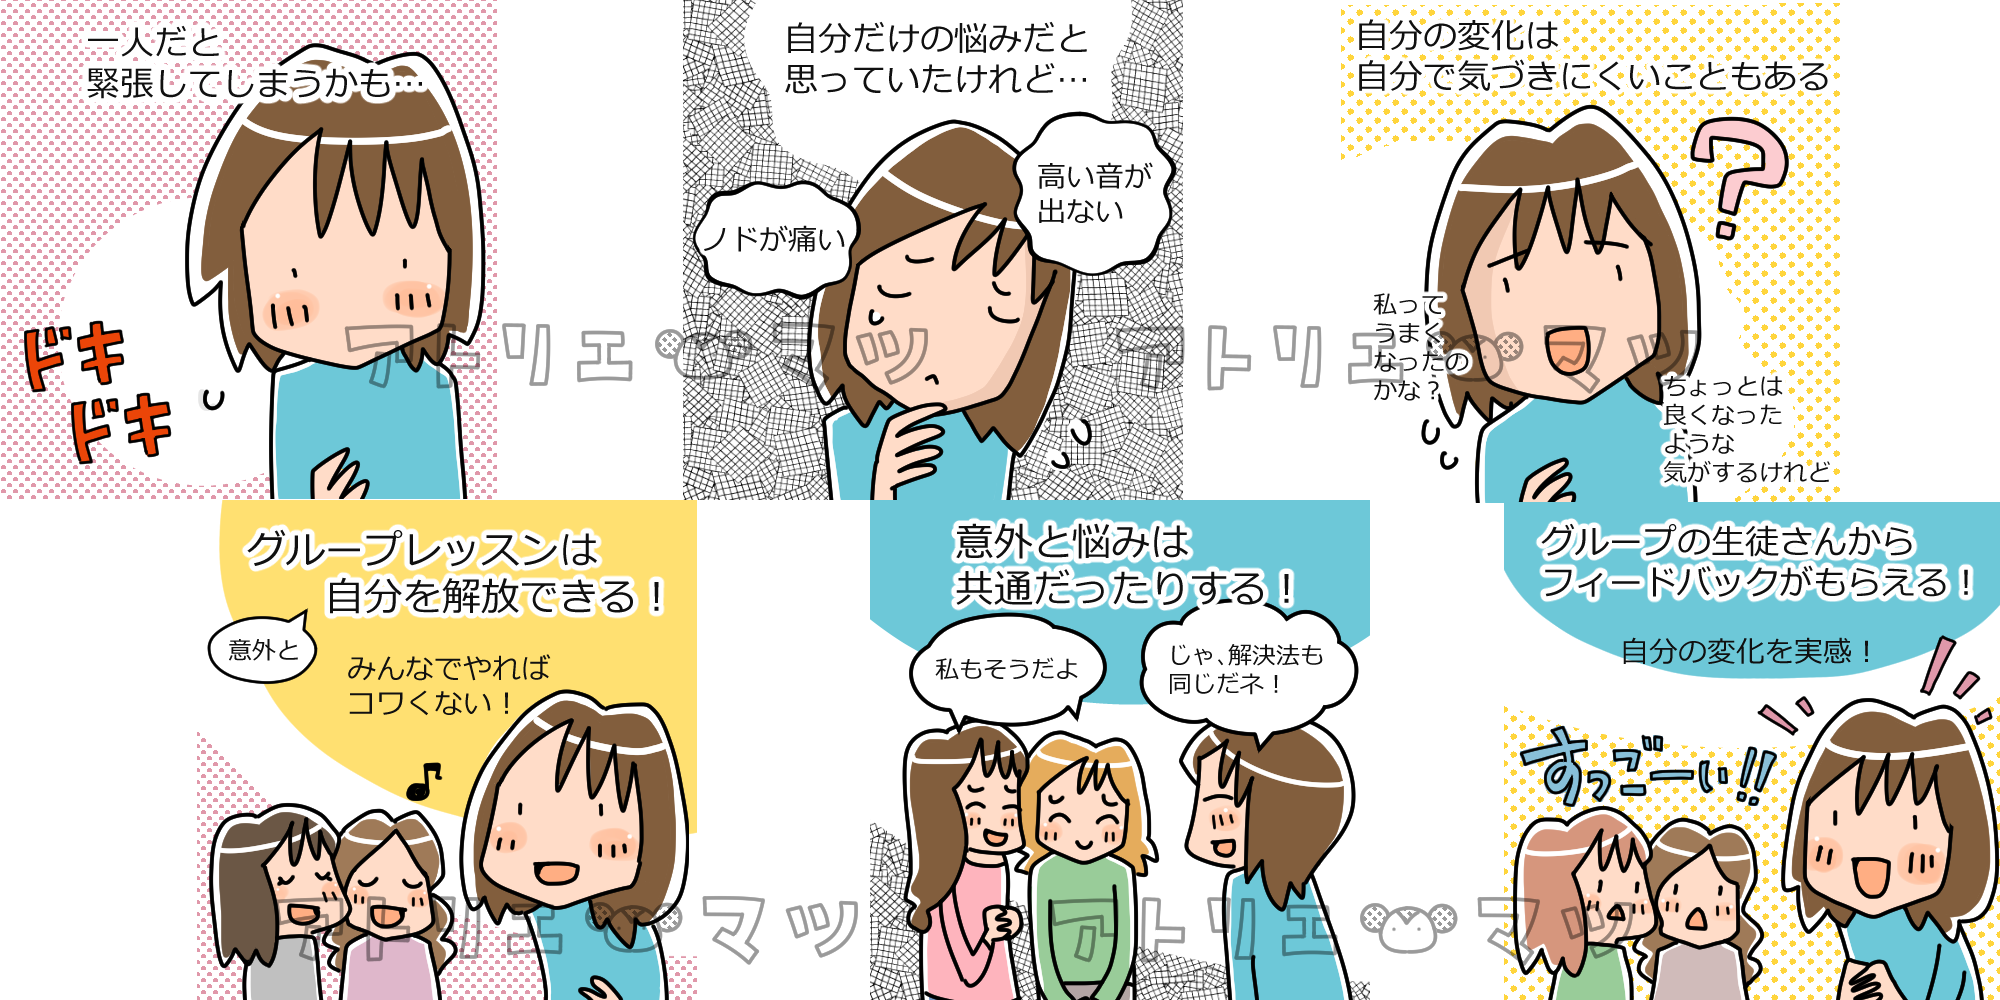 アマートムジカ様/カットイラスト